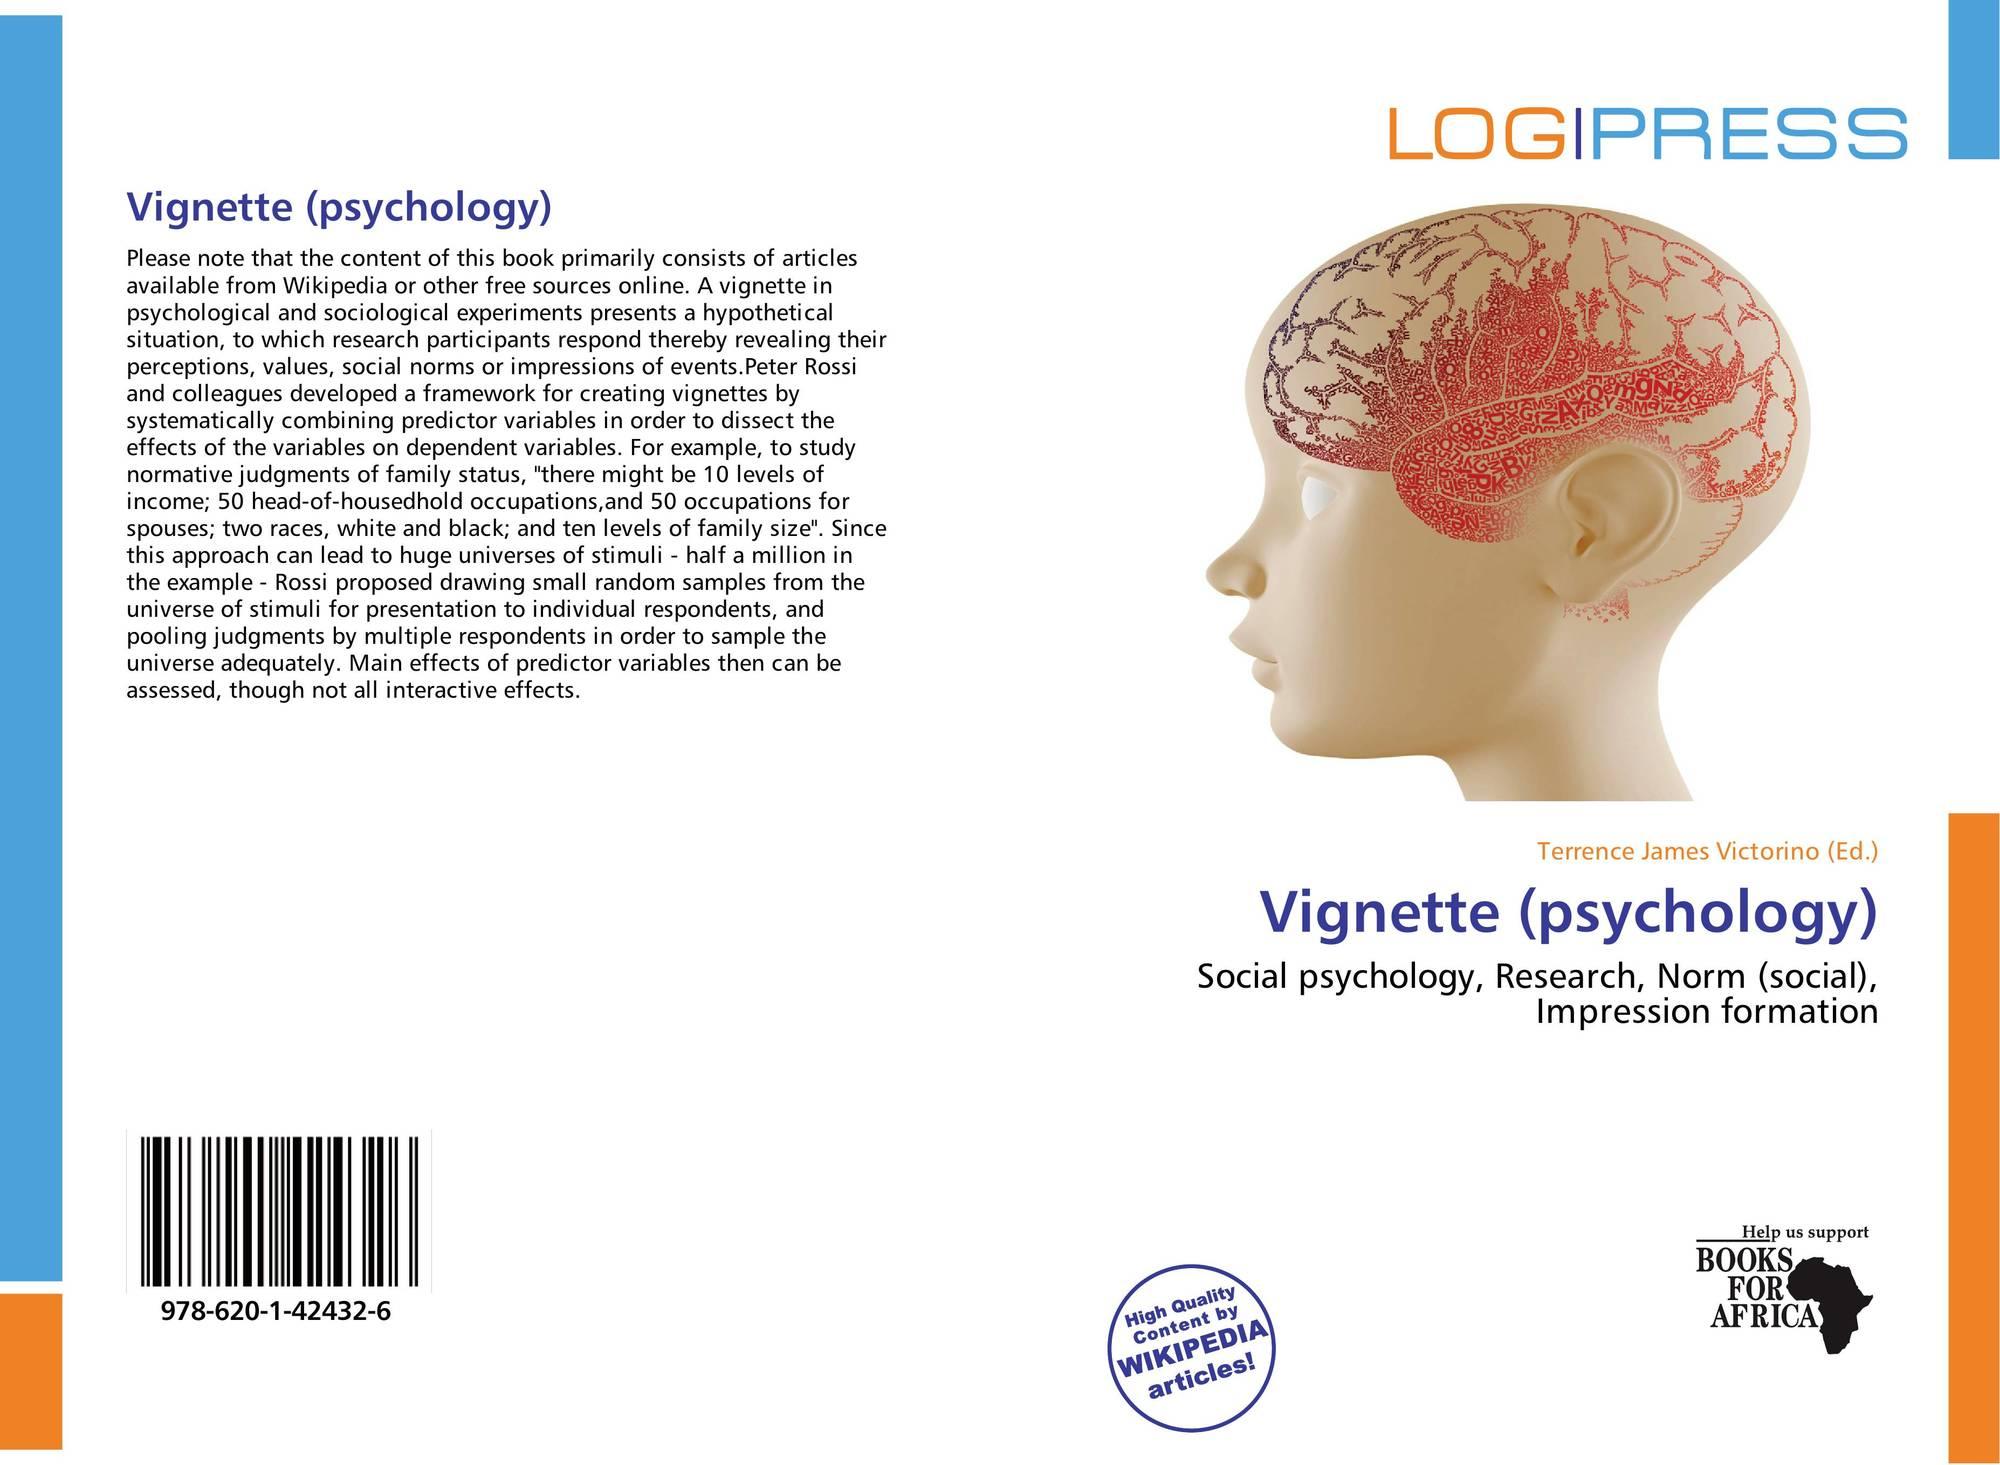 Vignette (psychology), 978-620-1-42432-6, 6201424326 ...